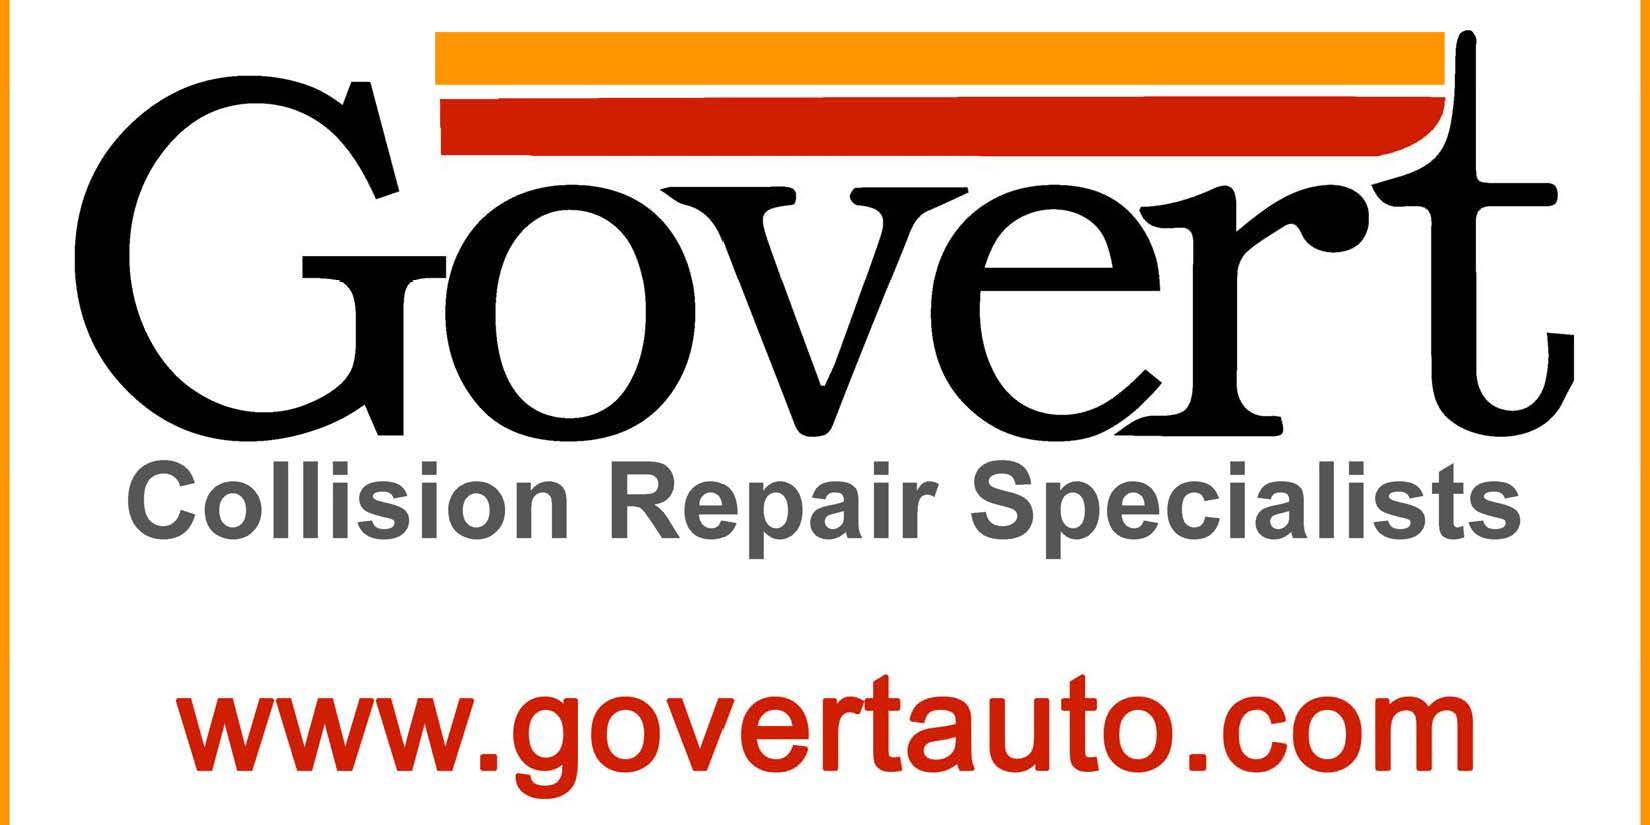 Govert Auto